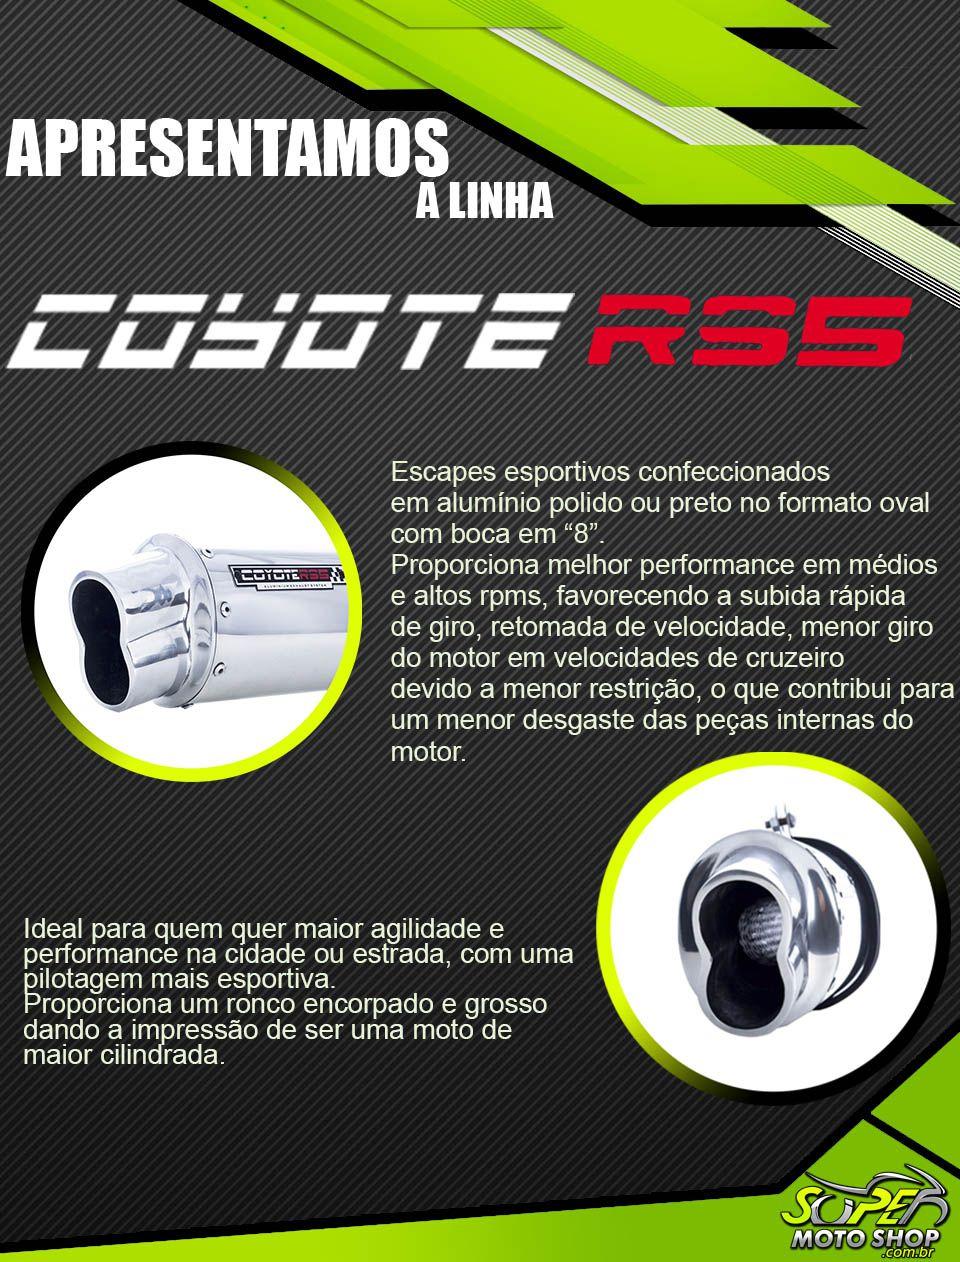 Escape / Ponteira Coyote RS5 Boca 8 Aluminio Oval - CB Hornet 600 F até 2007 - Honda